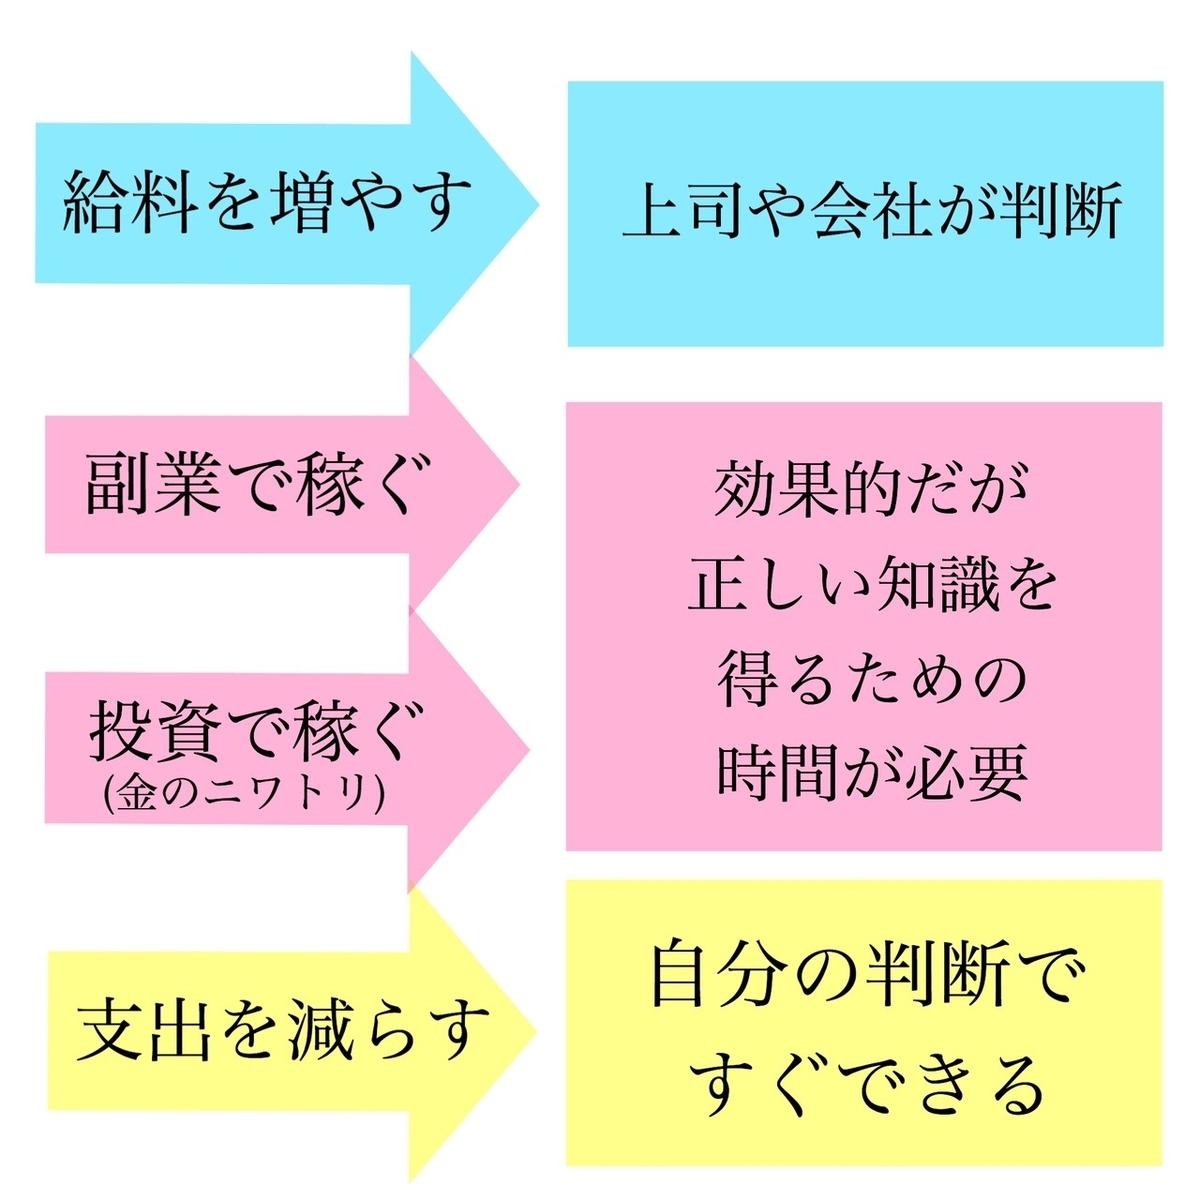 f:id:suzuka-npb:20190920140831j:plain